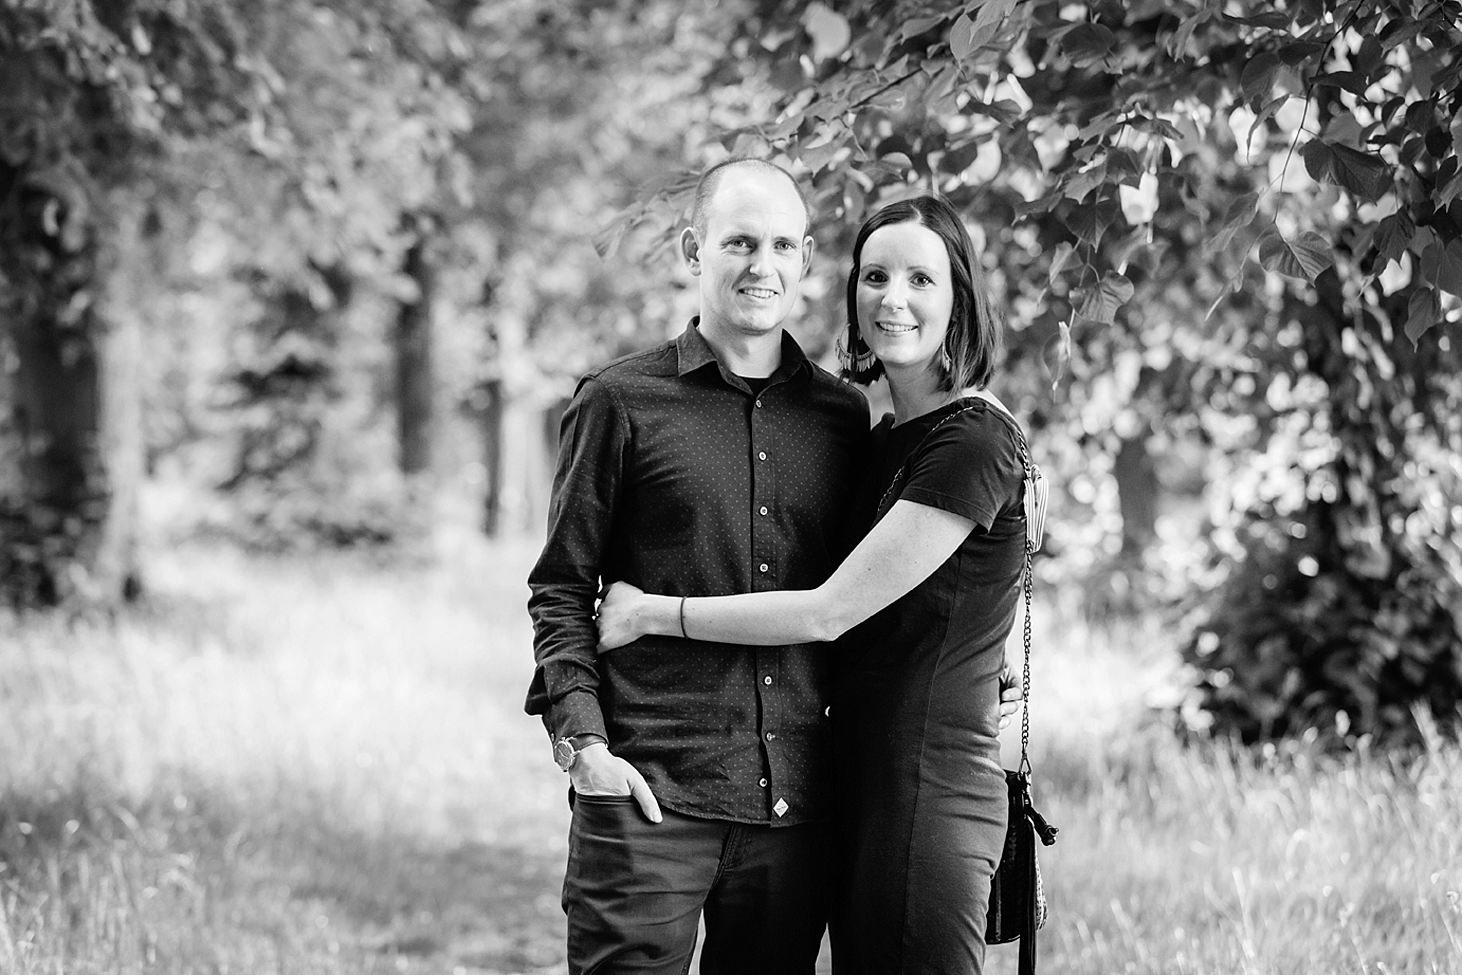 trent park engagement shoot couple shoot